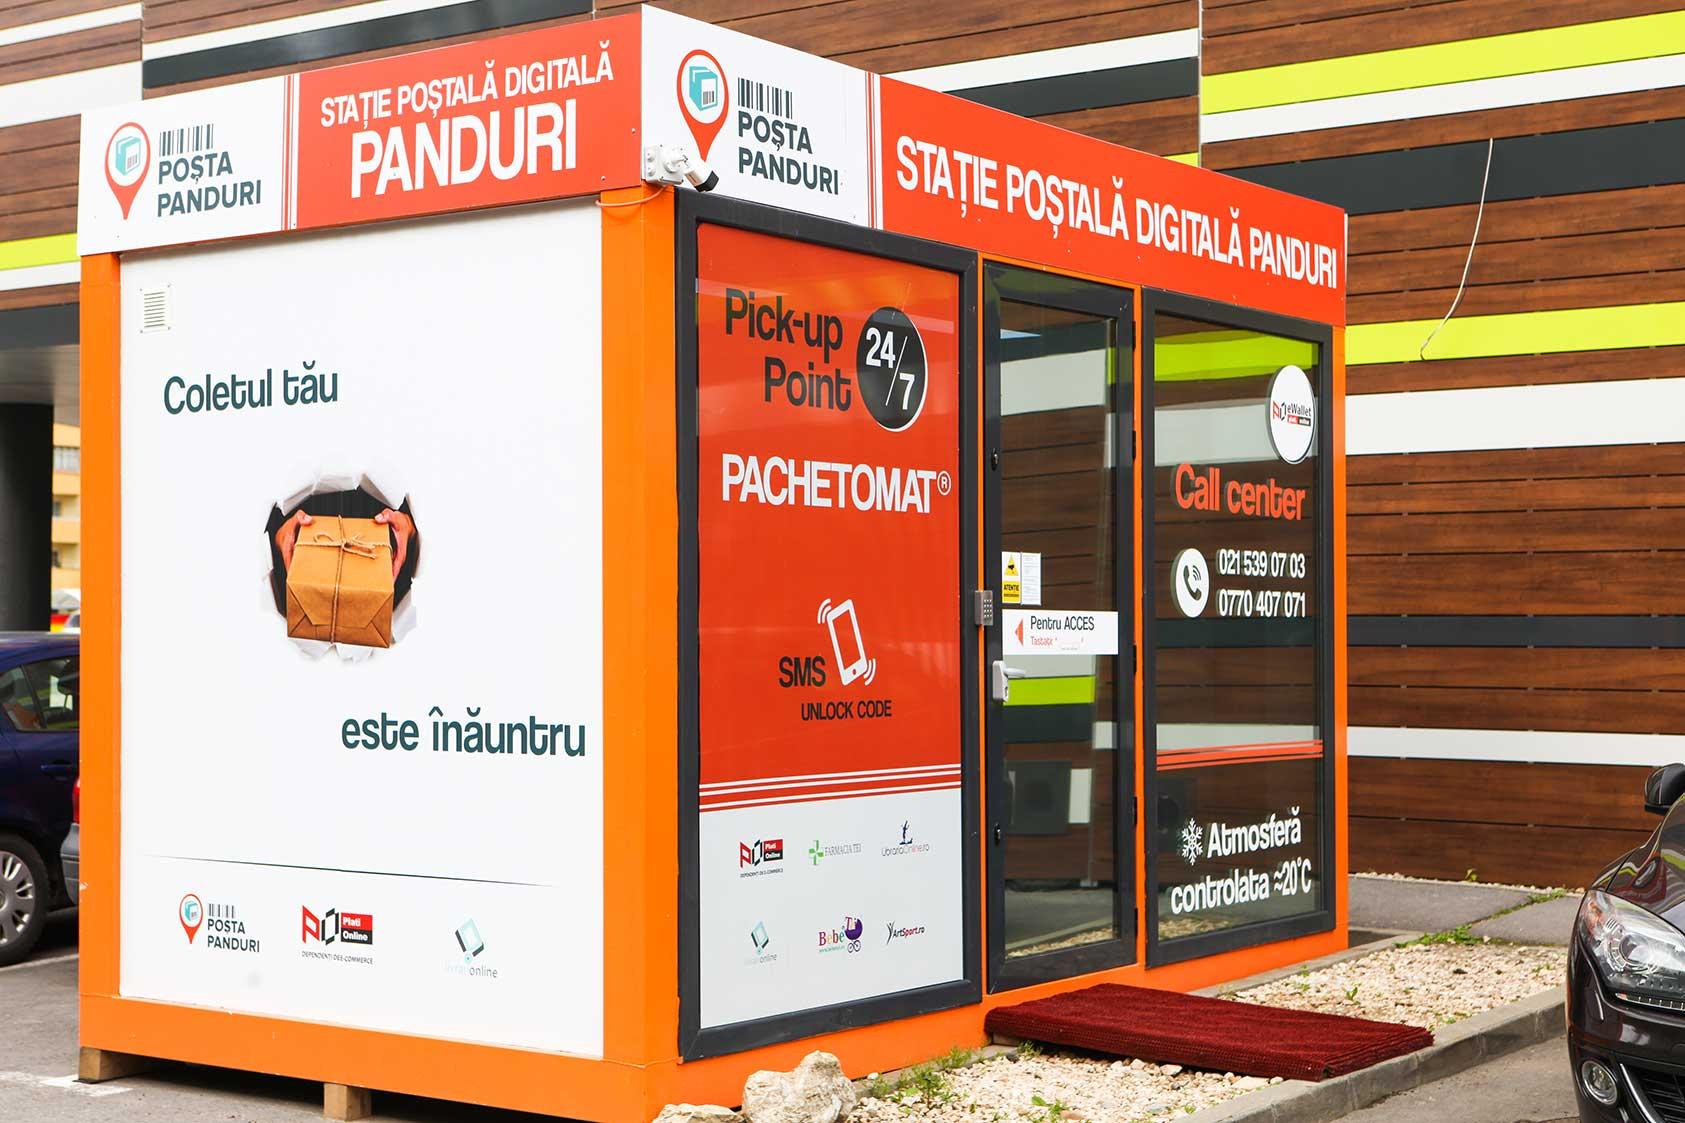 Cătălin Maftei, C-Solution: serviciul click&collect devine must have pentru comerțul online